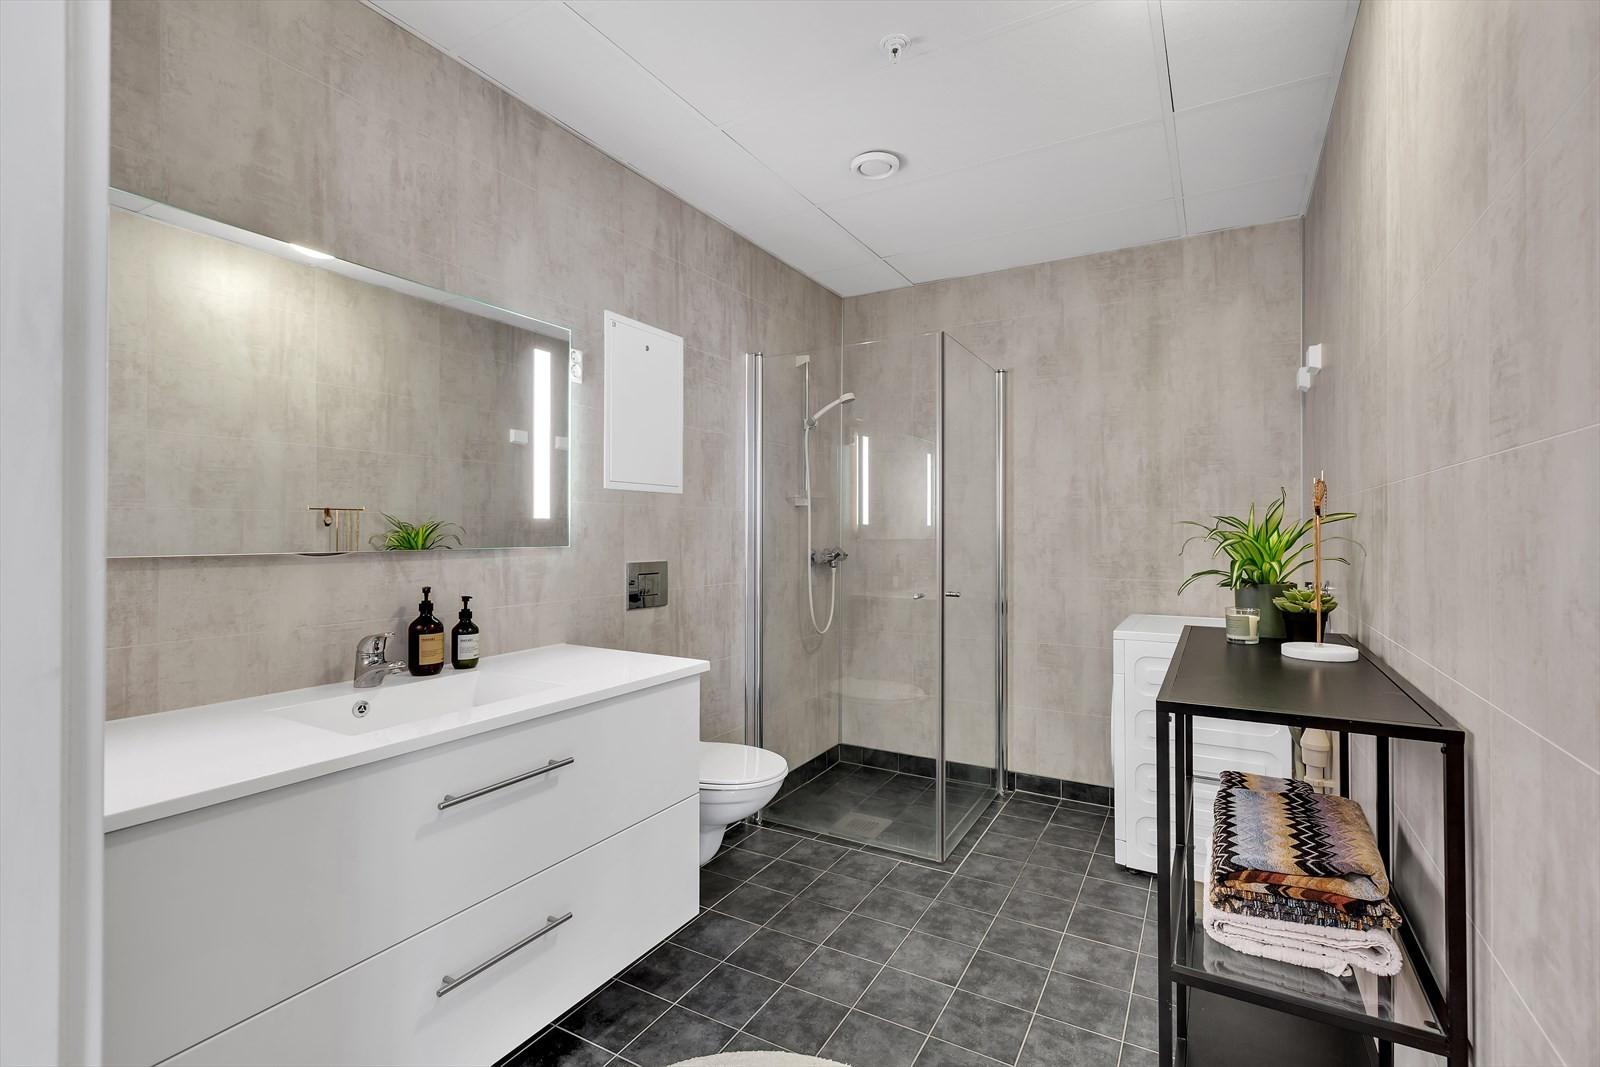 Bad med flislagt gulv og gulvvarme